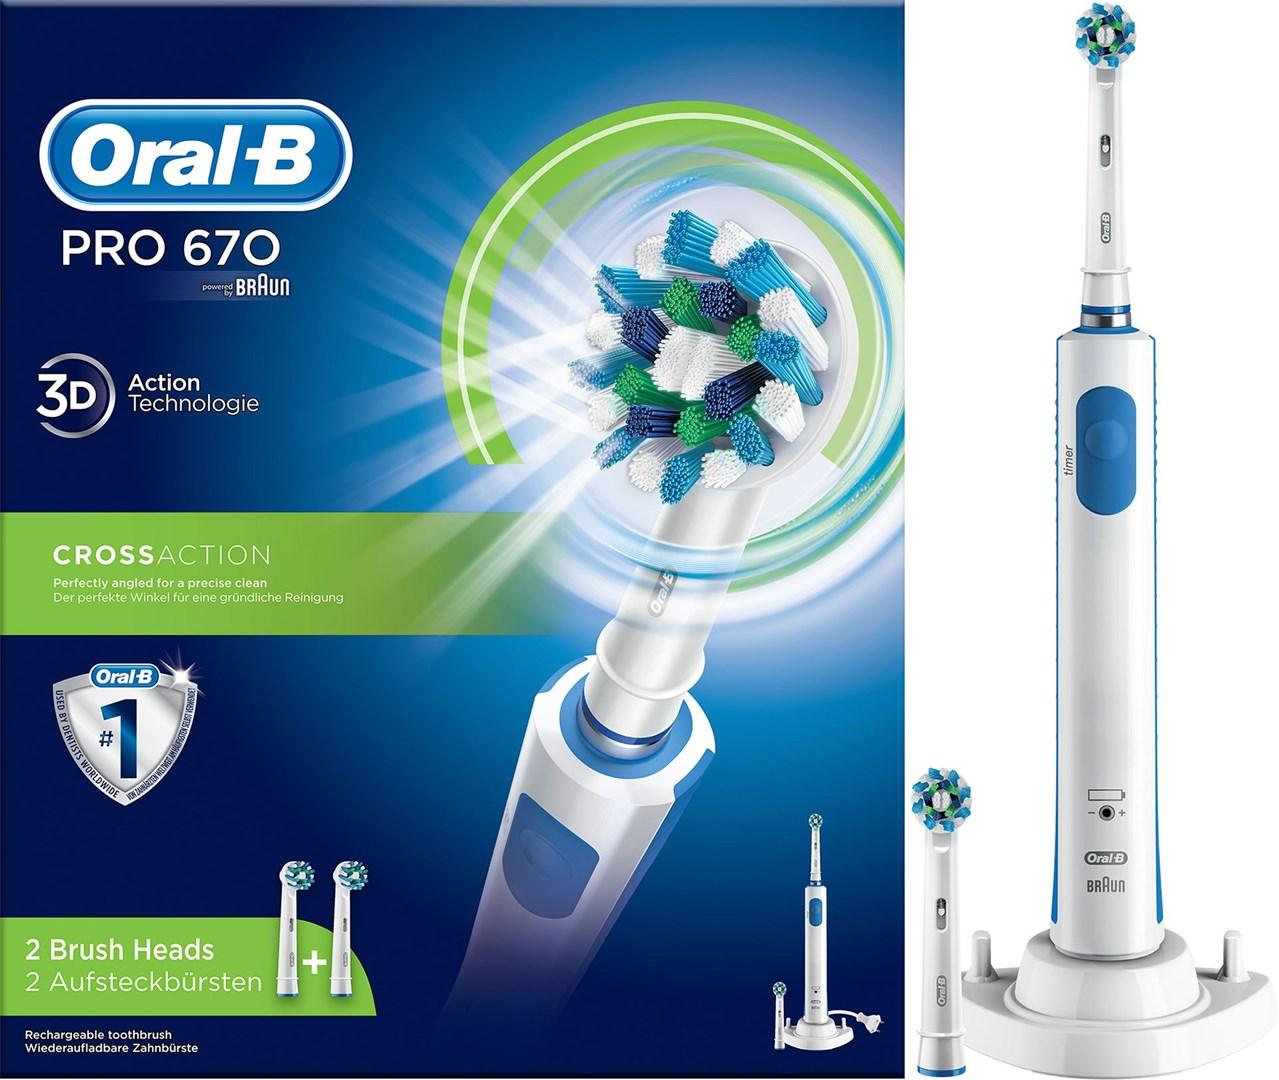 Eltandborste - vitare och friskare tänder - NetOnNet - NetOnNet 63a9910686b72